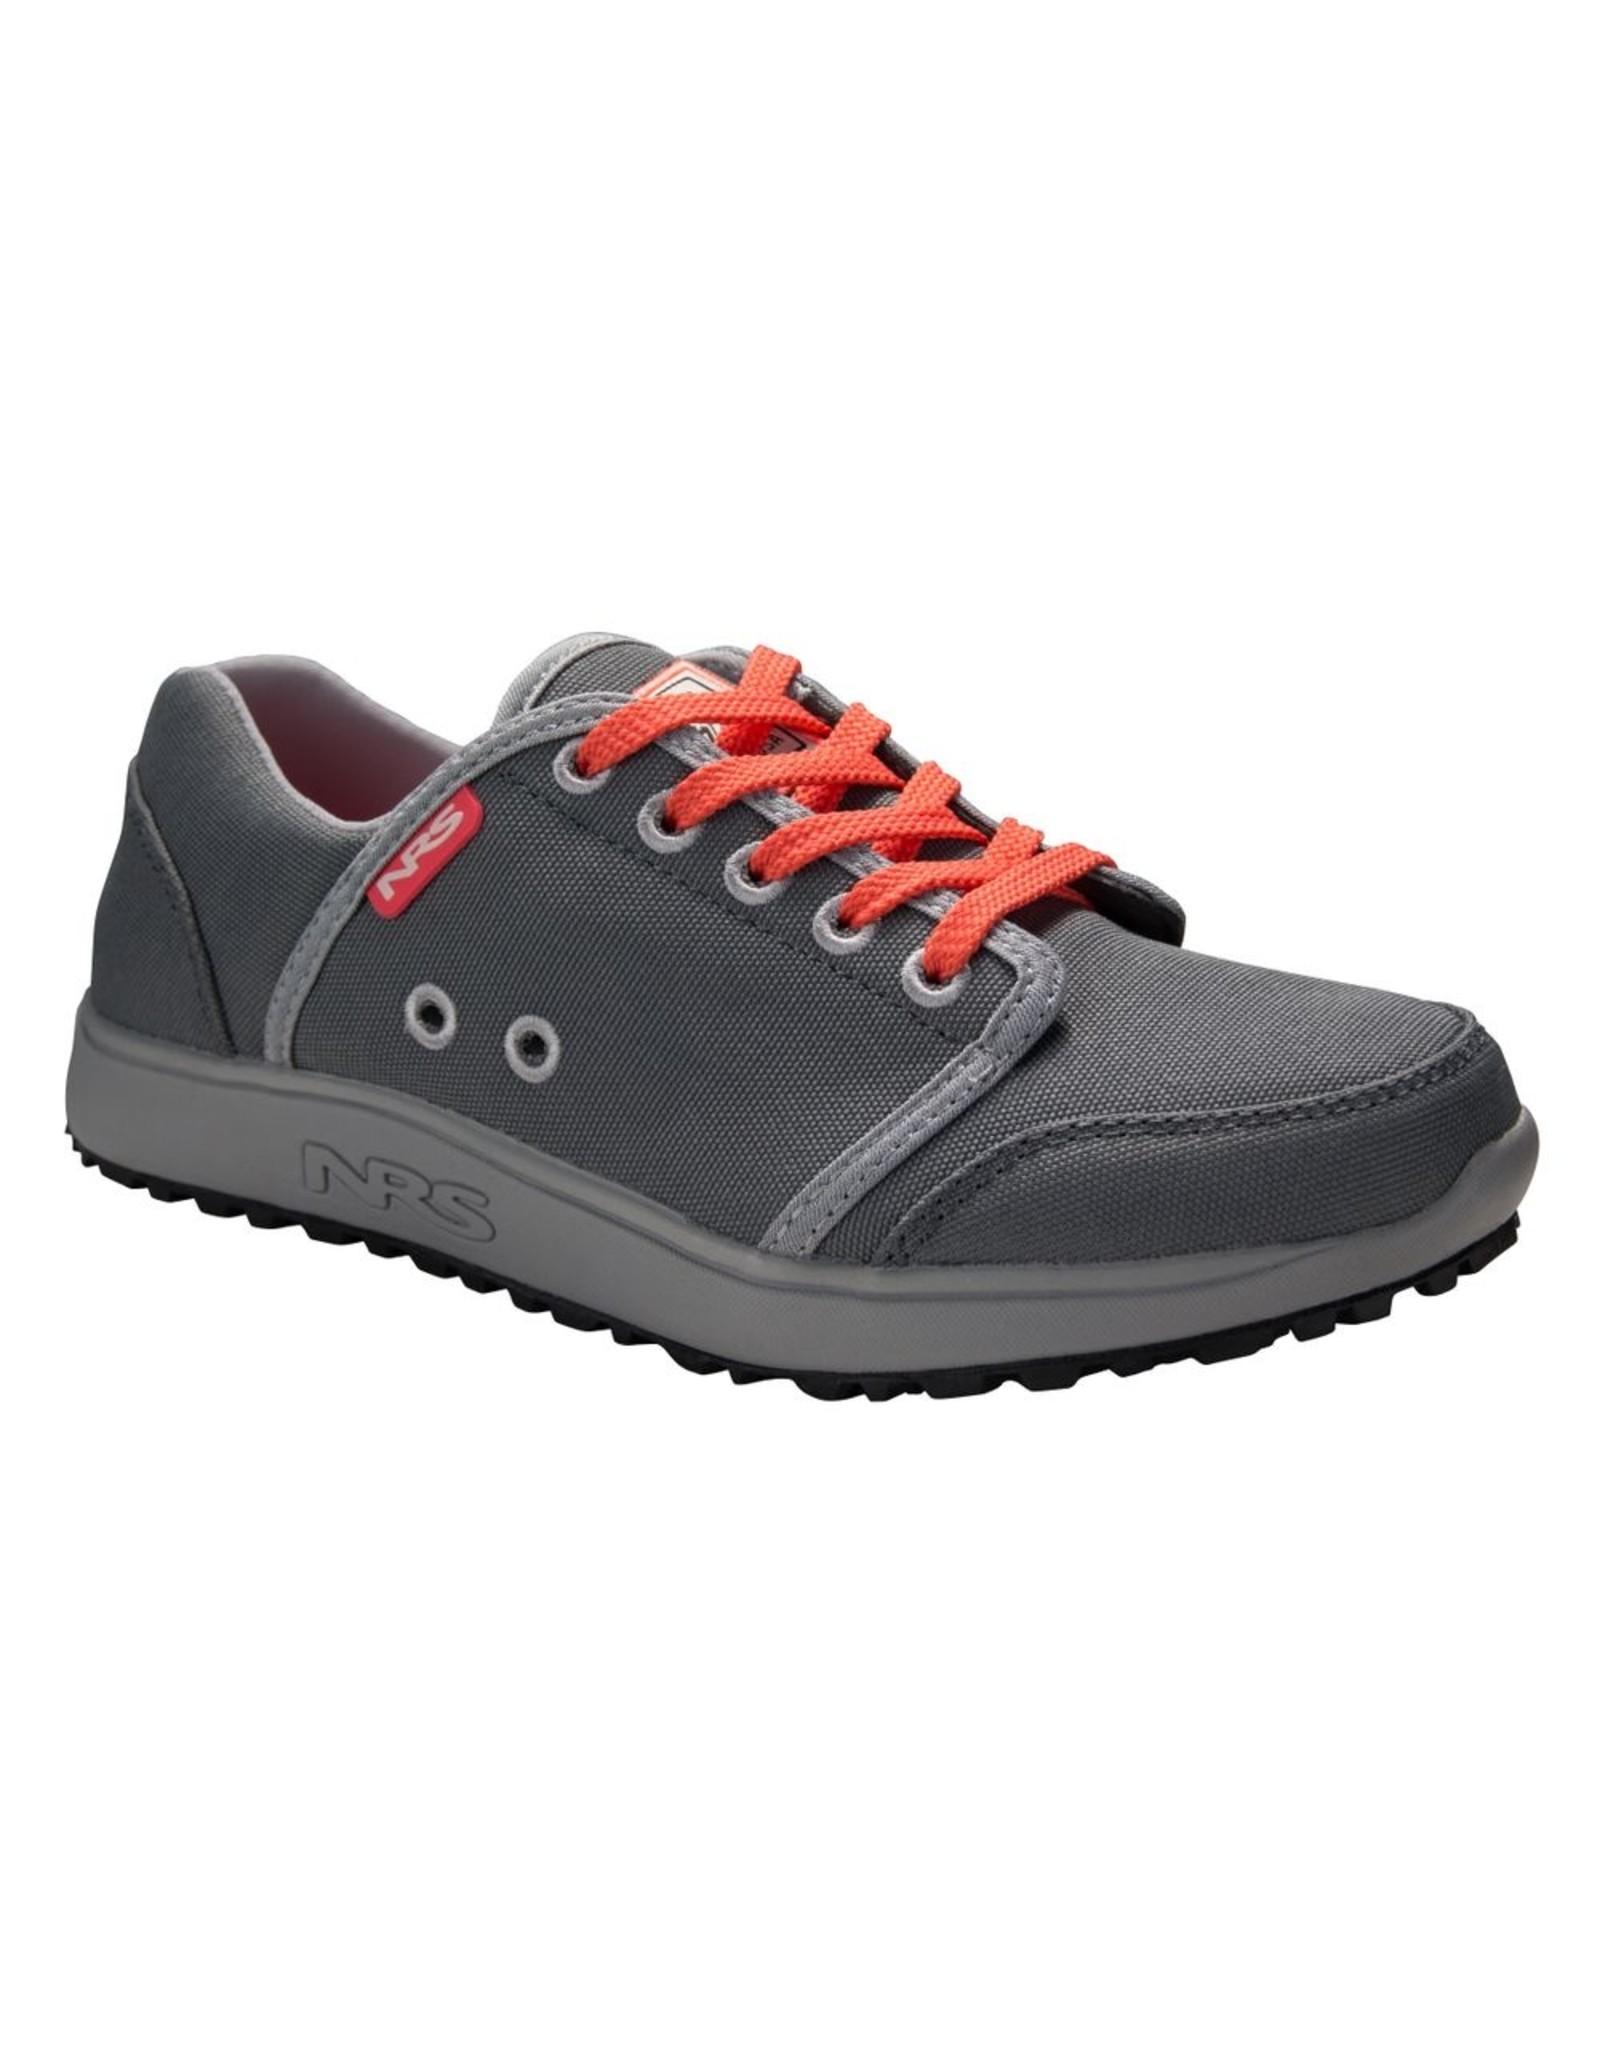 NRS NRS Women's Crush Water Shoess (LIQUIDATION)